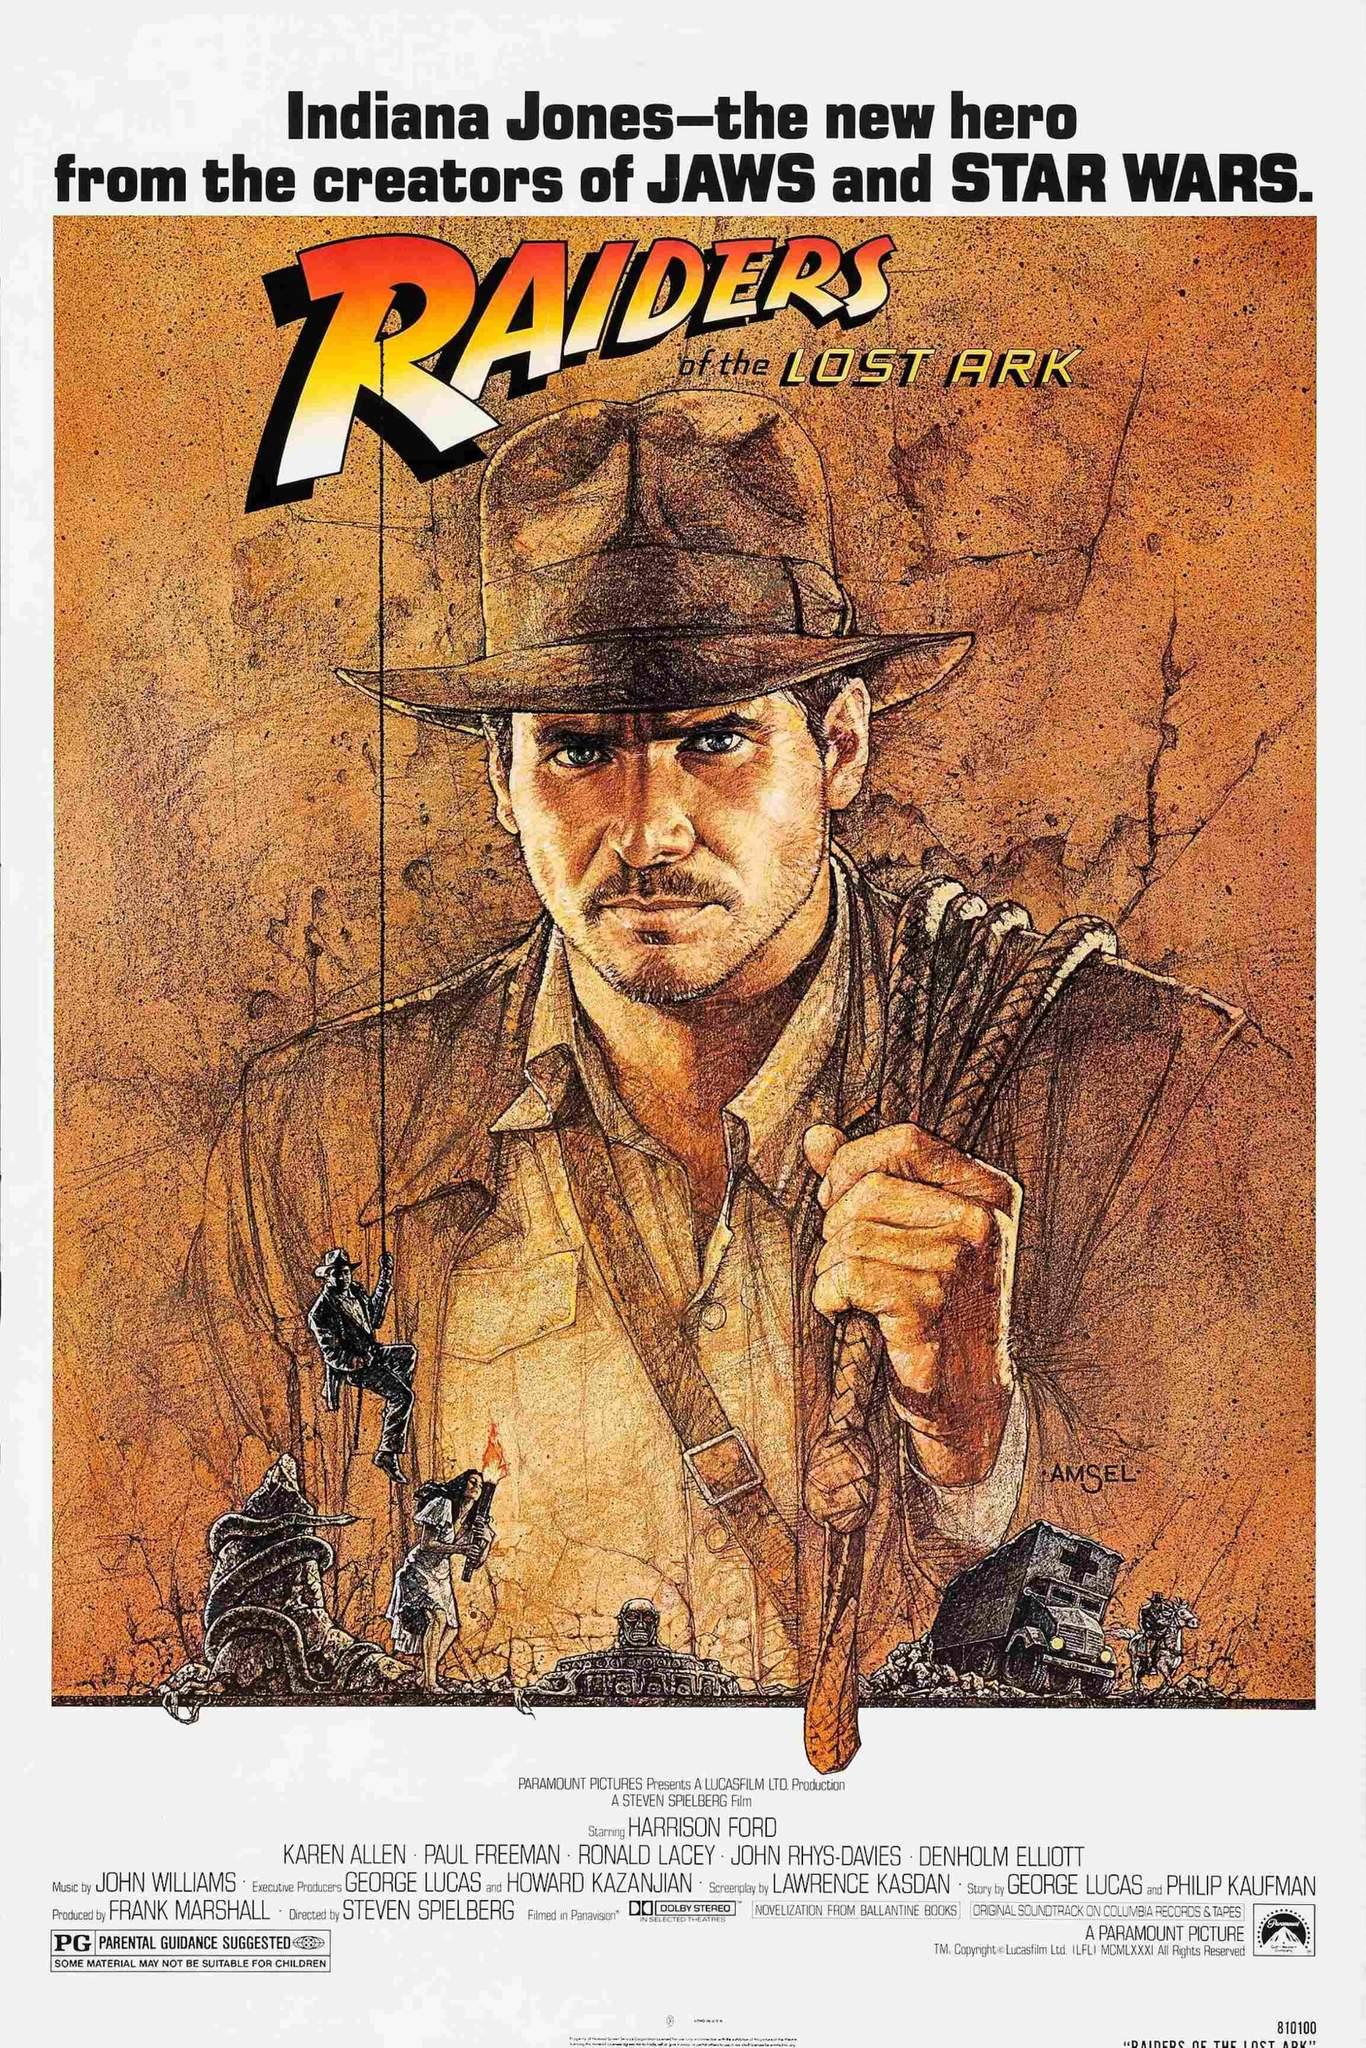 poster1 Análise: 40 anos de Caçadores da Arca Perdida... a jornada do herói Indiana Jones - Parte final